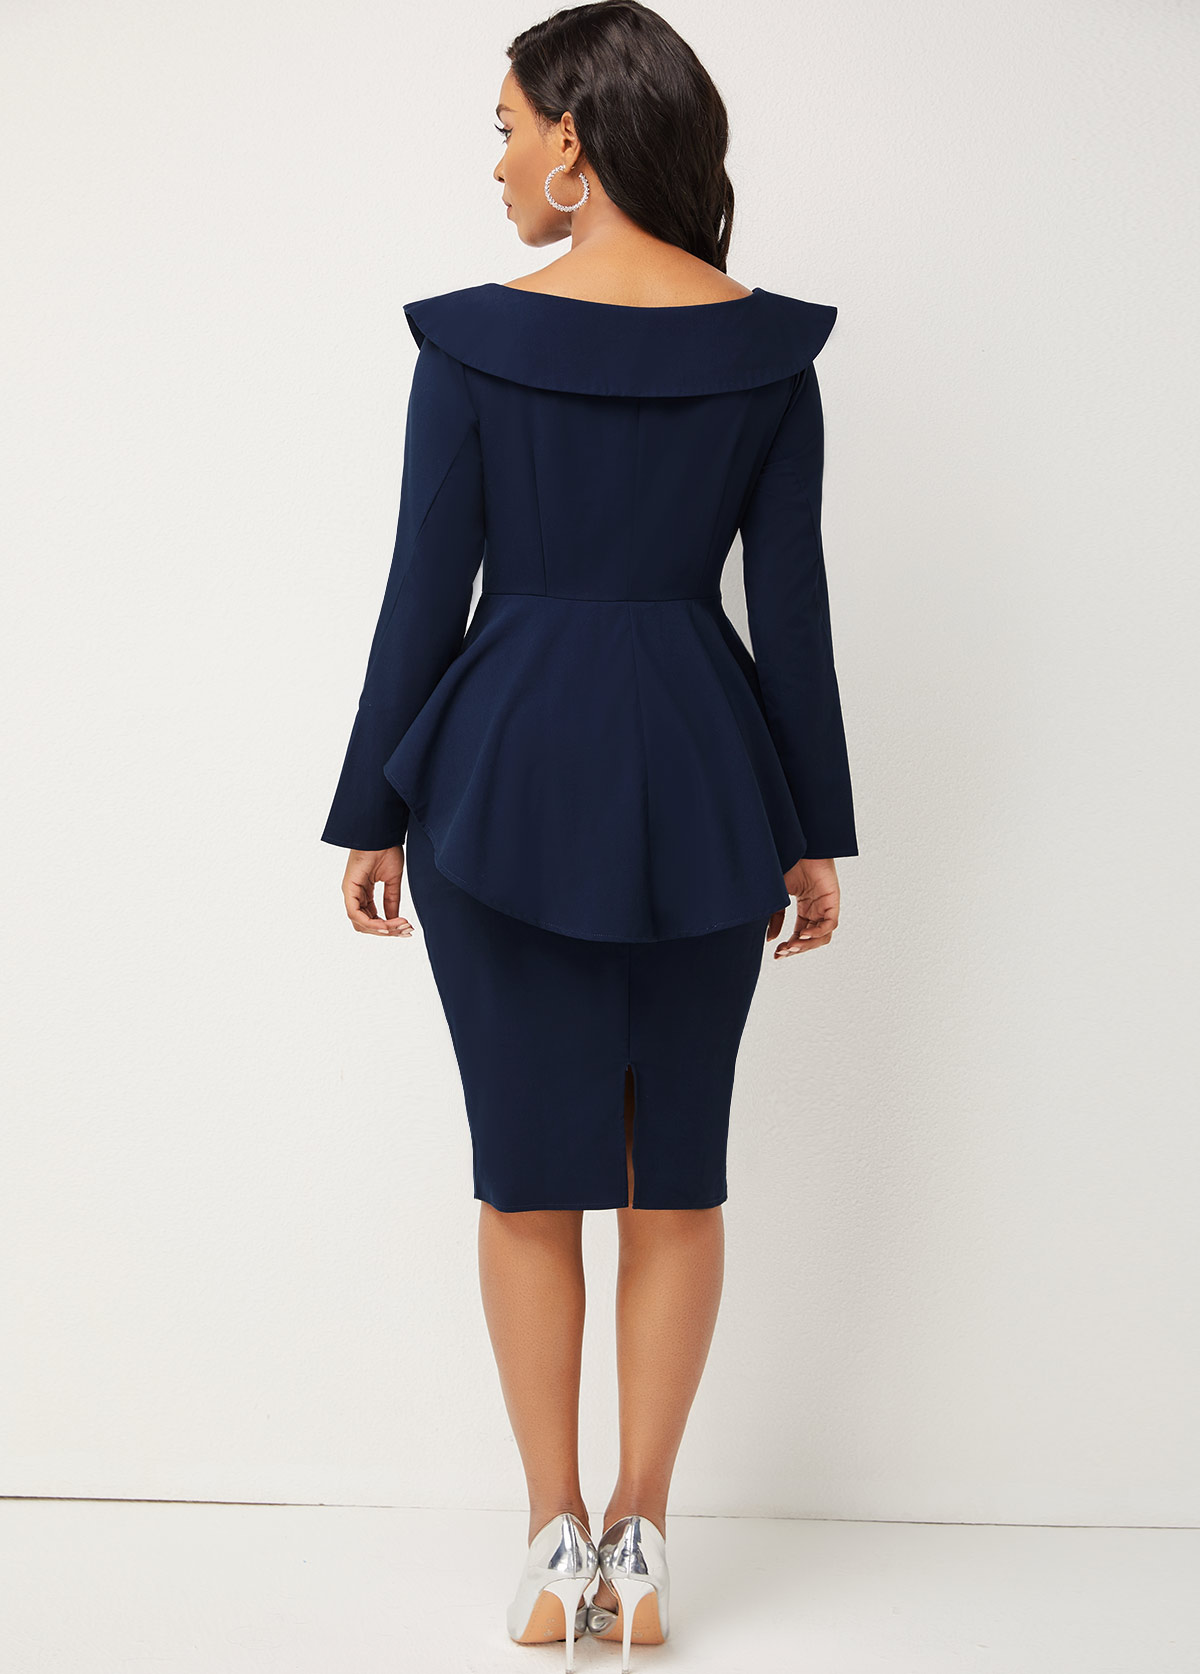 Long Sleeve Turndown Collar Peplum Waist Dress